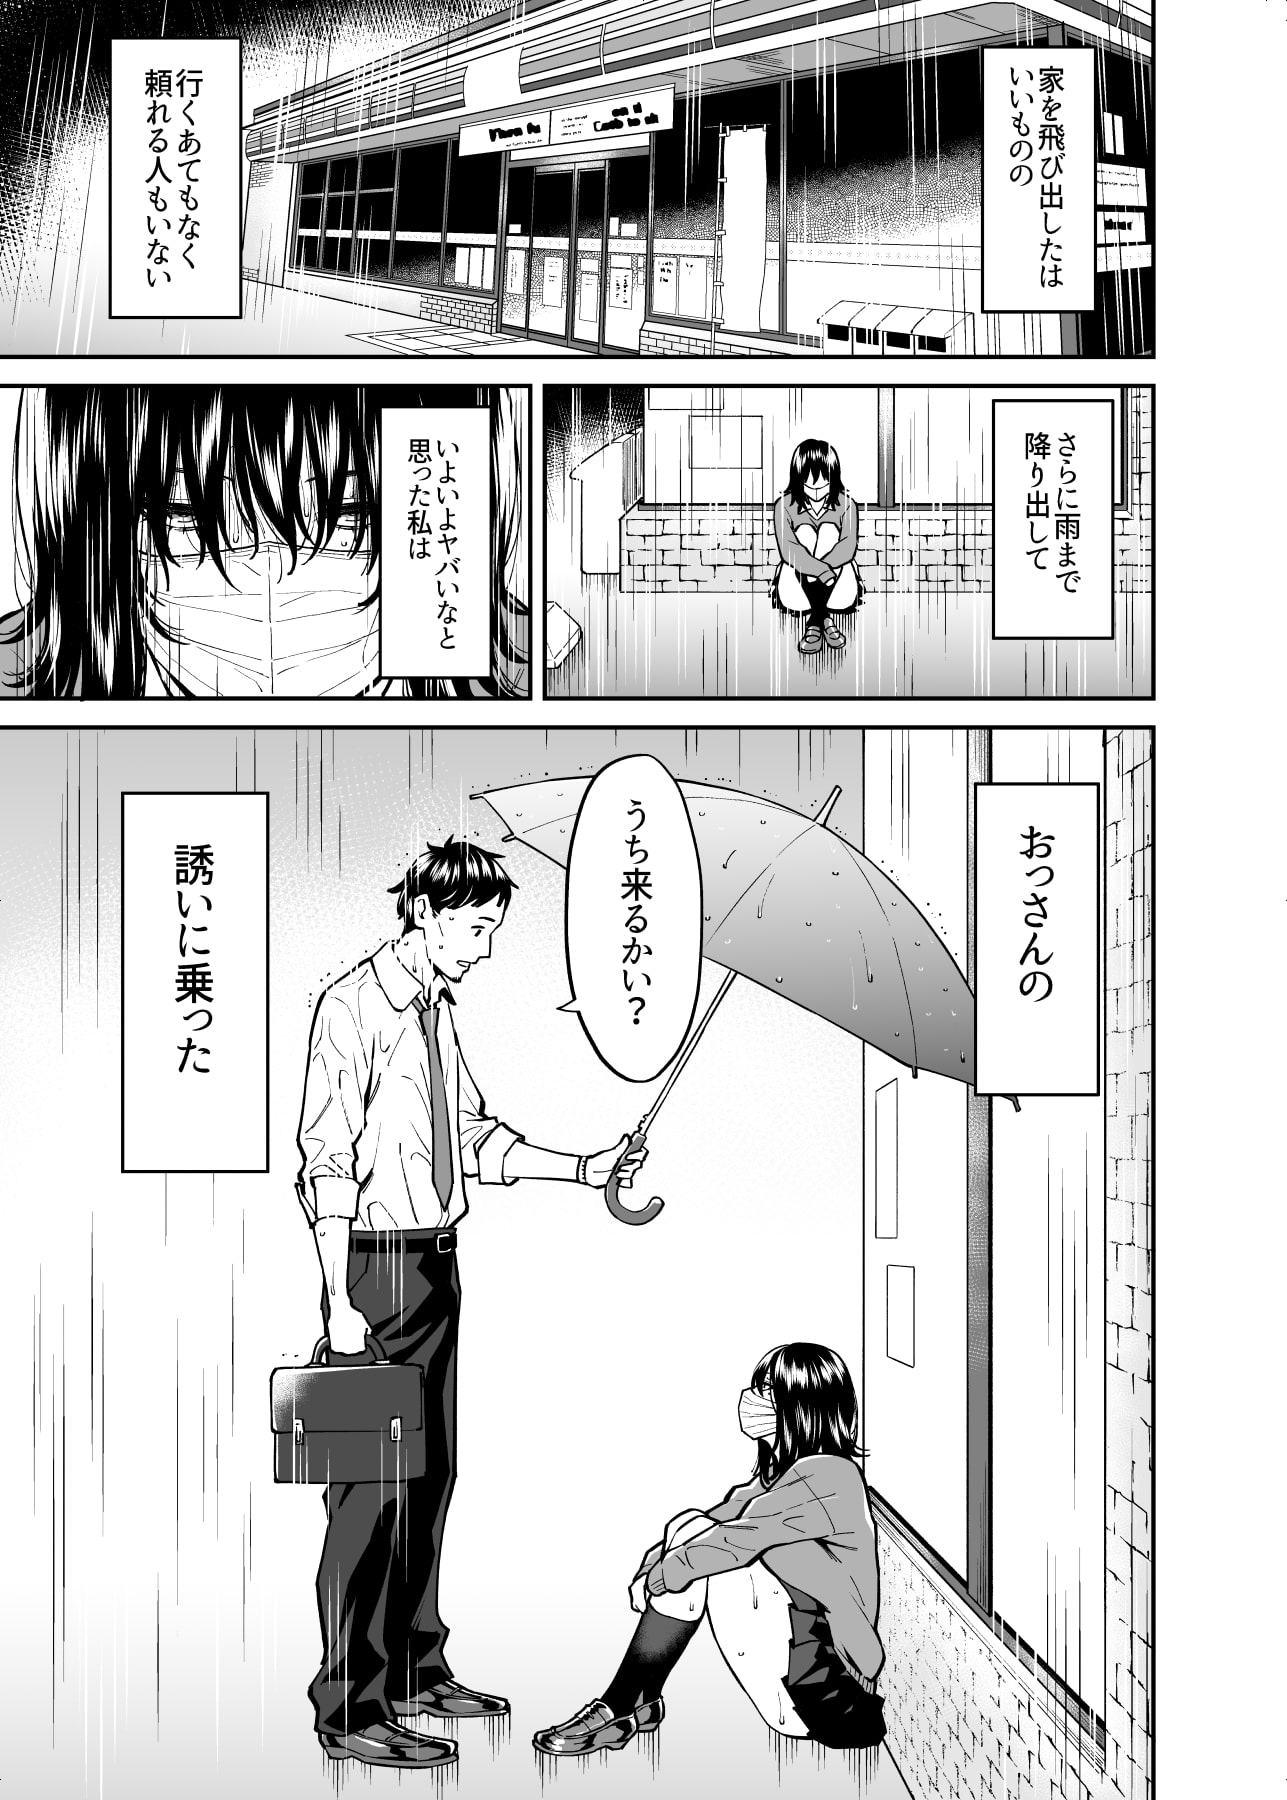 RJ323630 拾われた女の子とおじさんの話 [20210418]